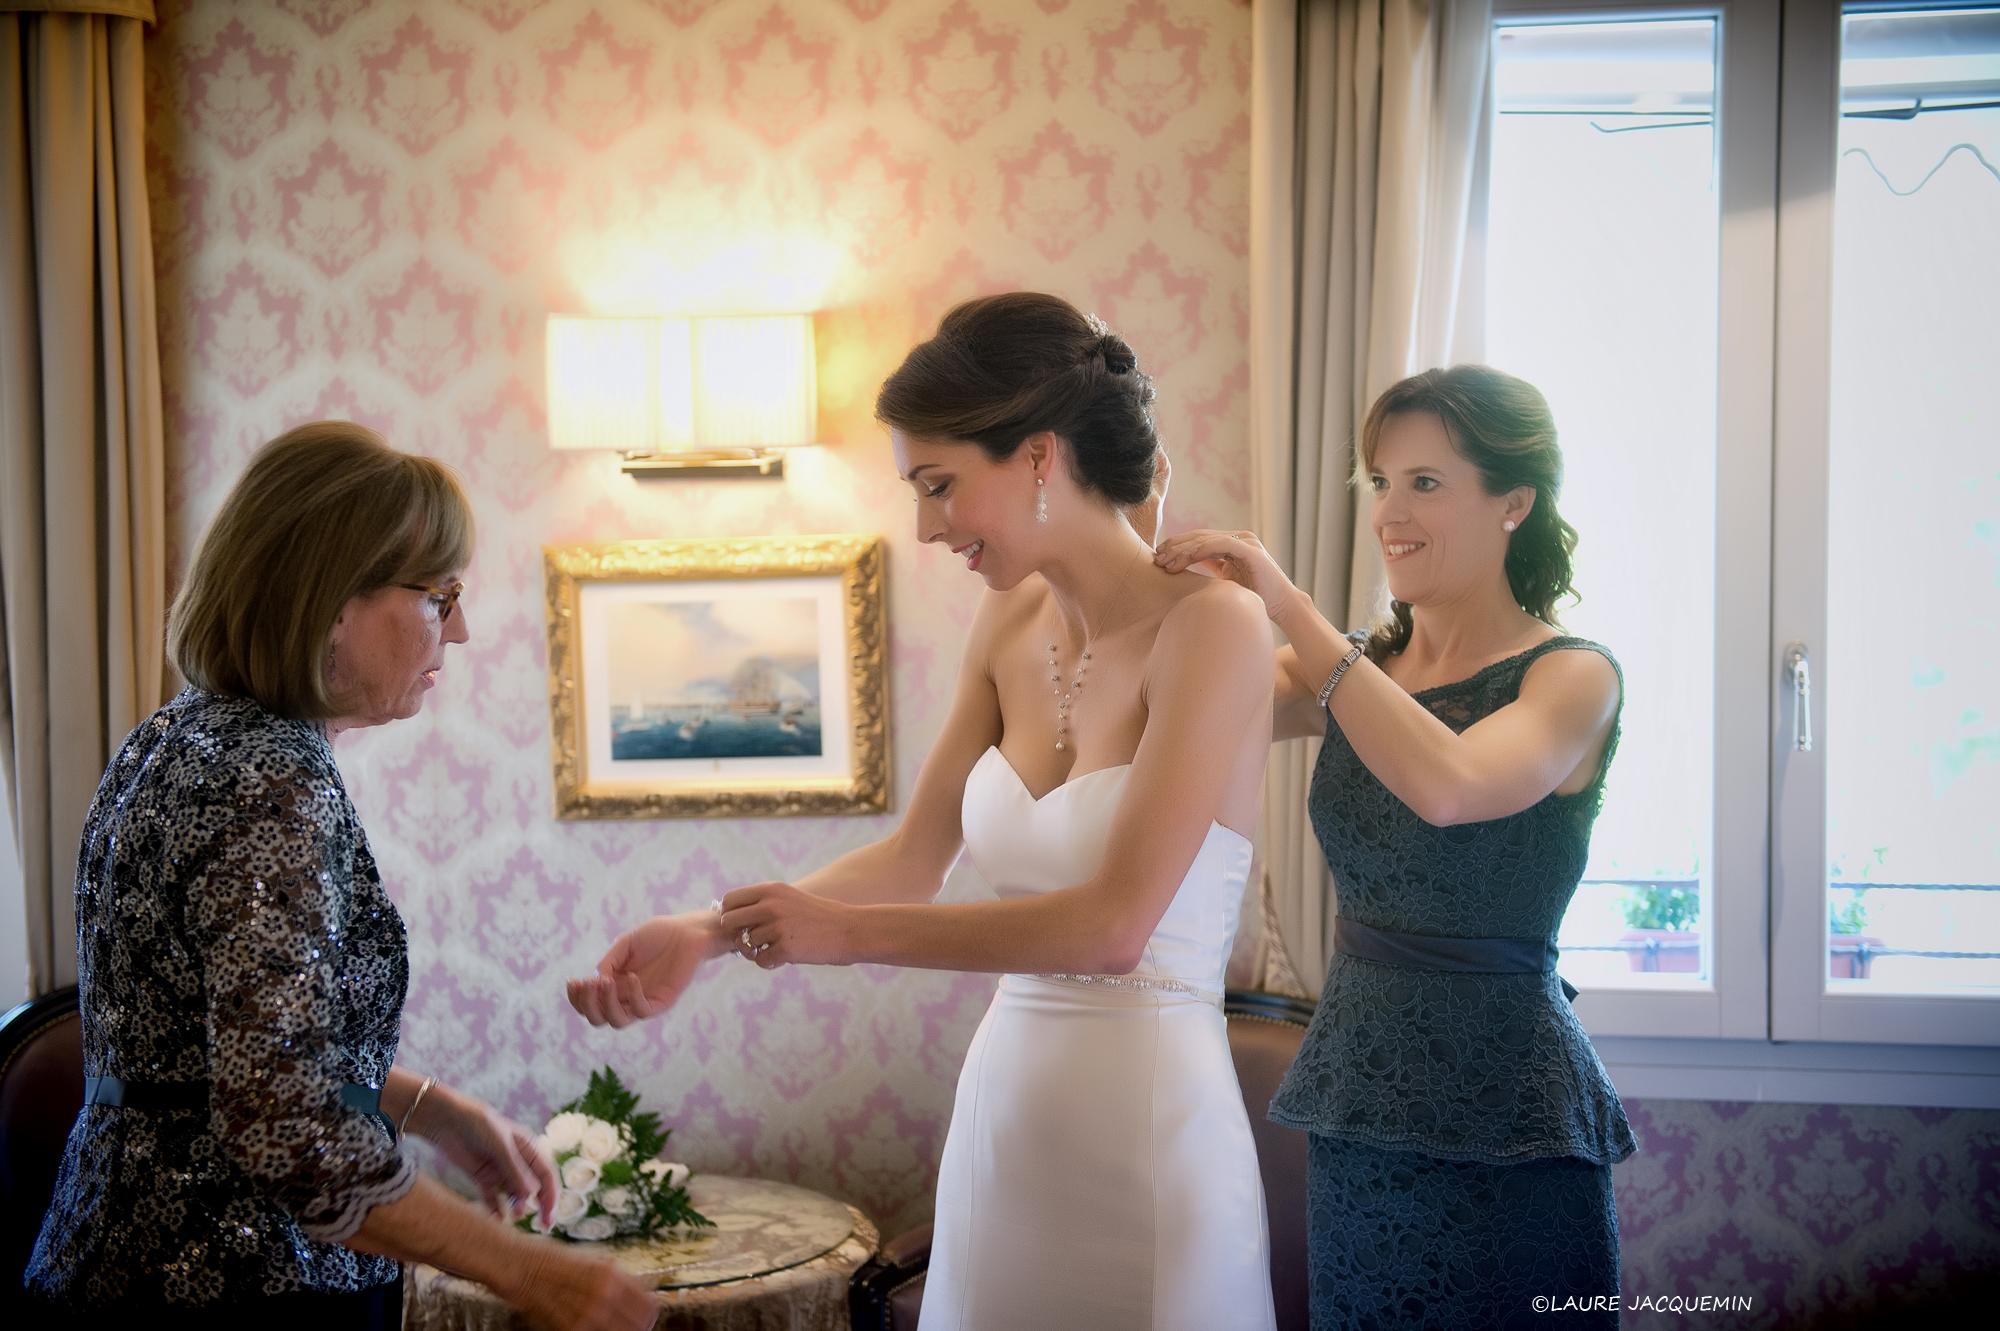 venise mariage photographe laure Jacquemin simbolique jardin venitien gondole (21)